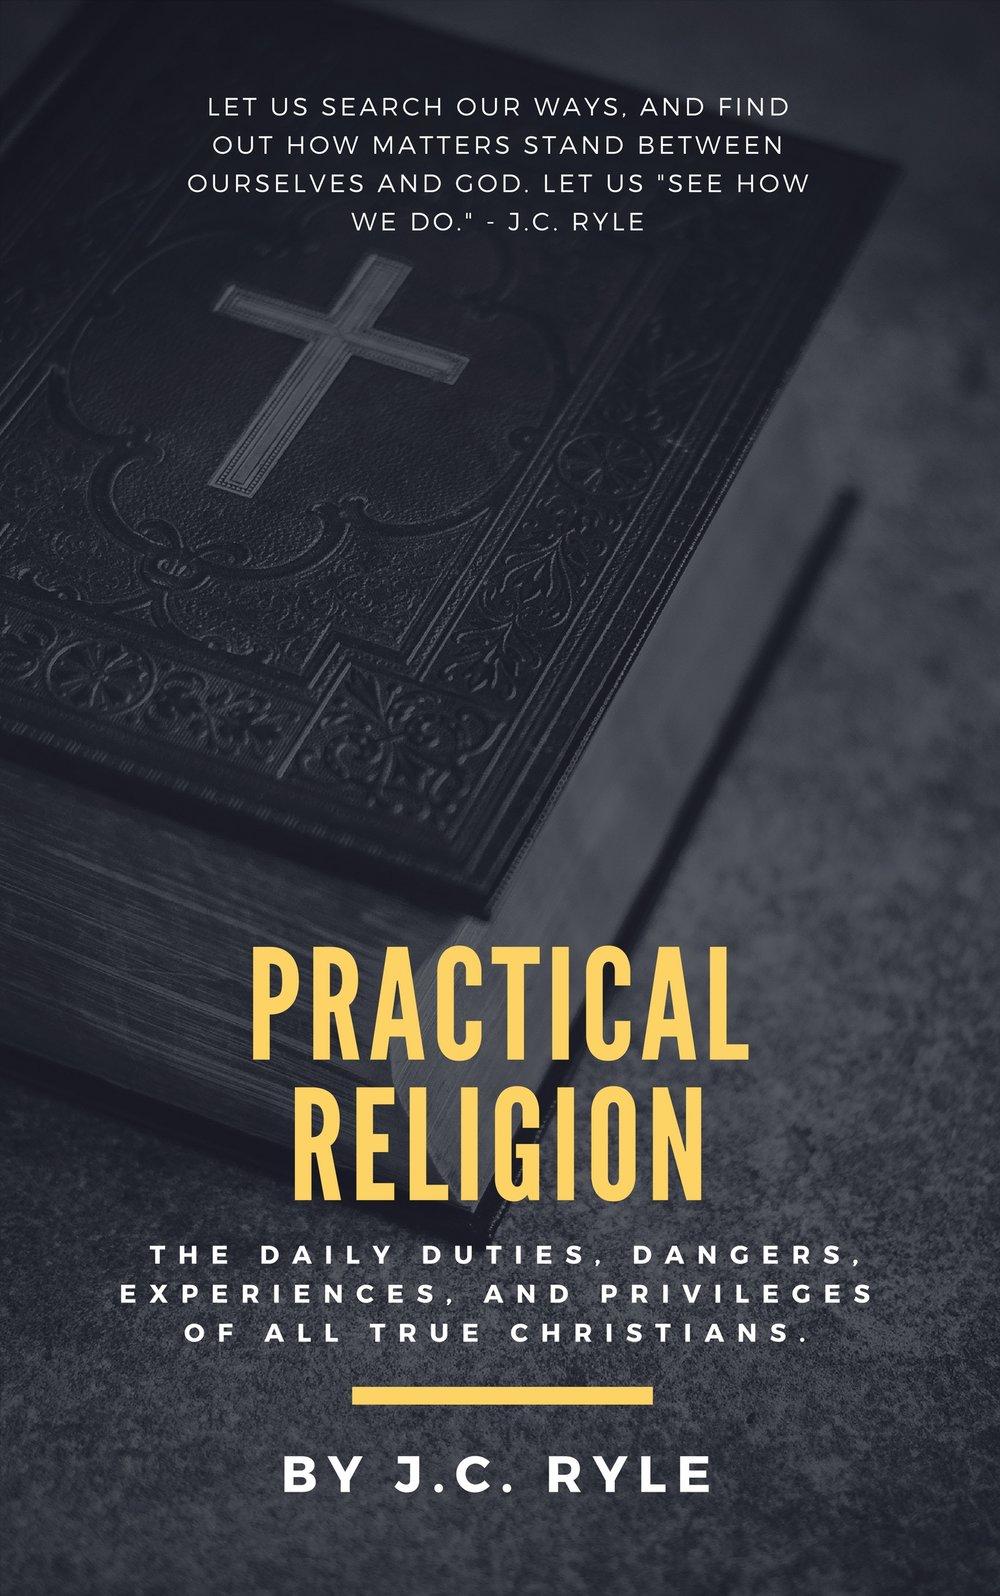 Practical-Religion.jpg